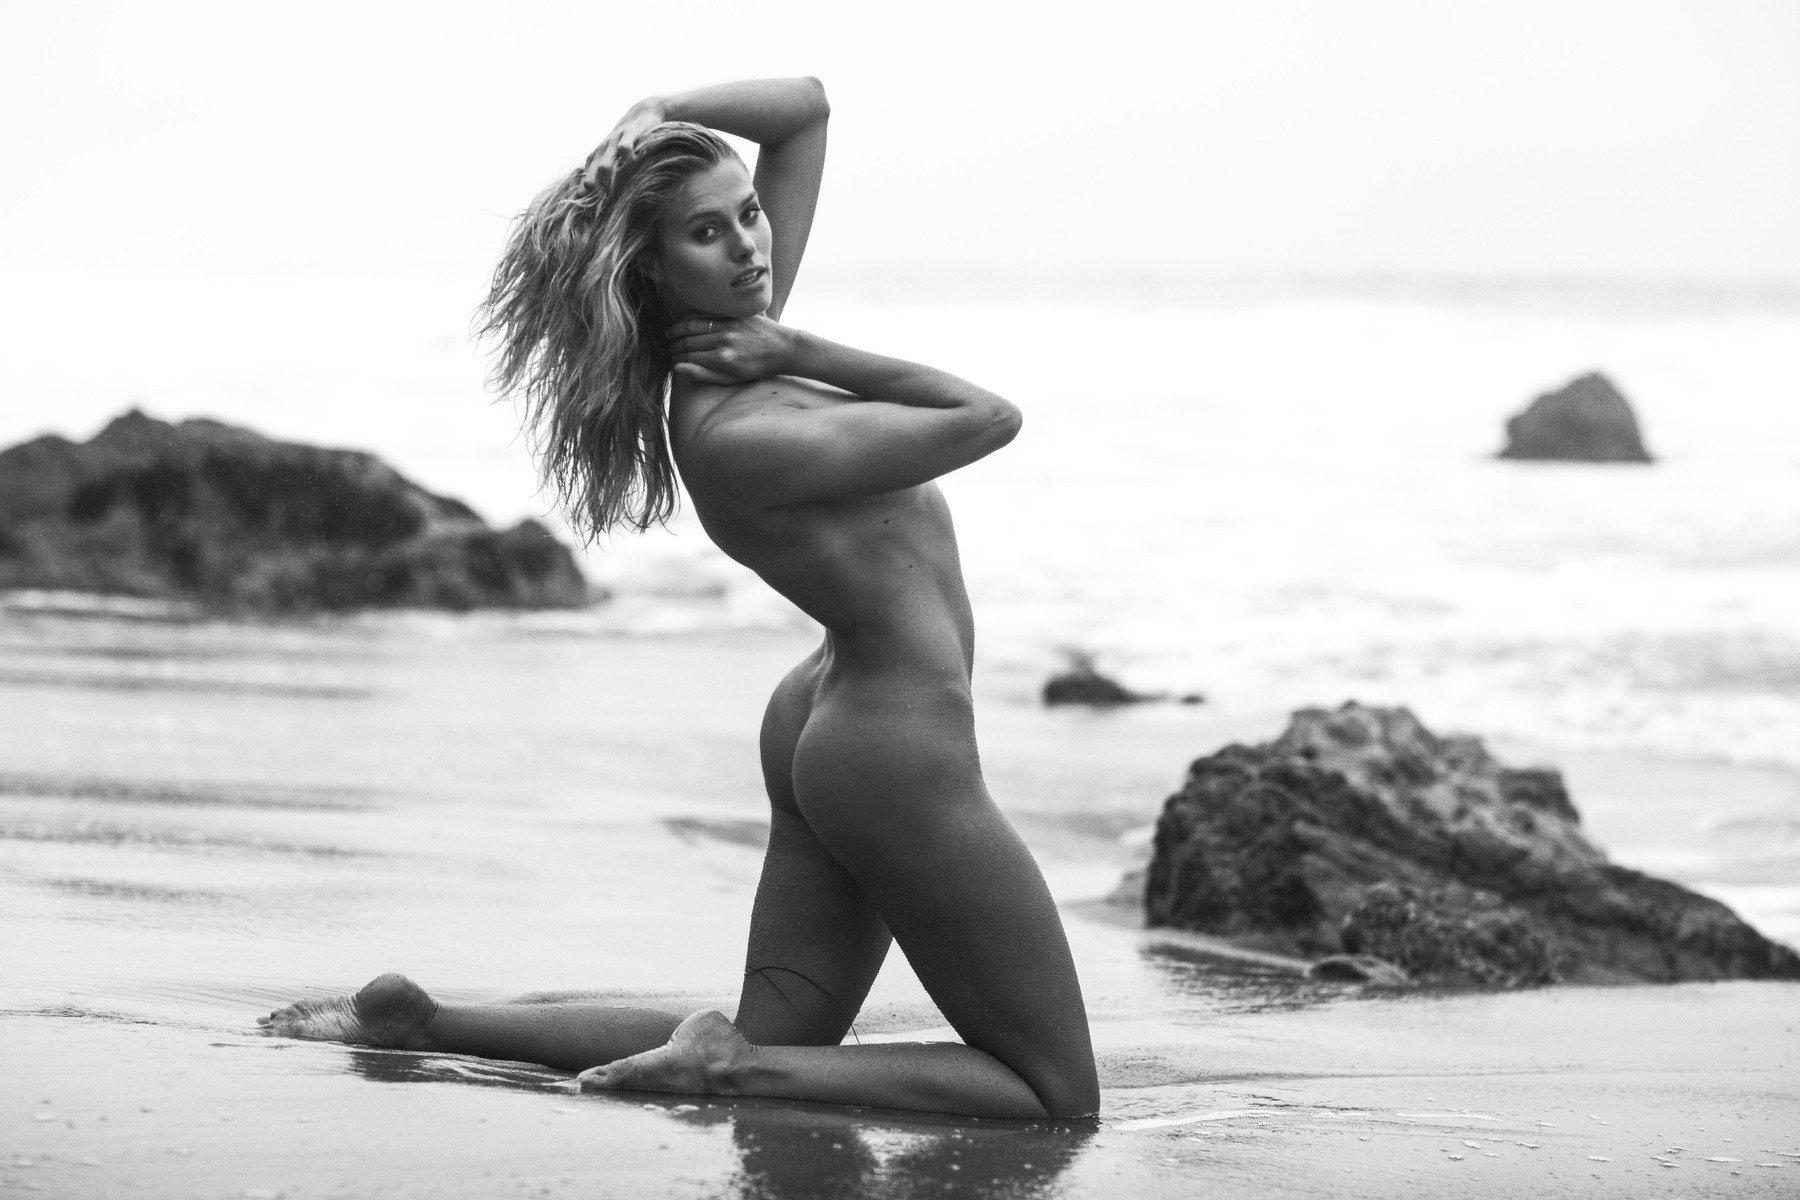 Kaya scodelario 2019,Dami im eurovision Porno tube Eva longoria cleavage,Lena nitro naked